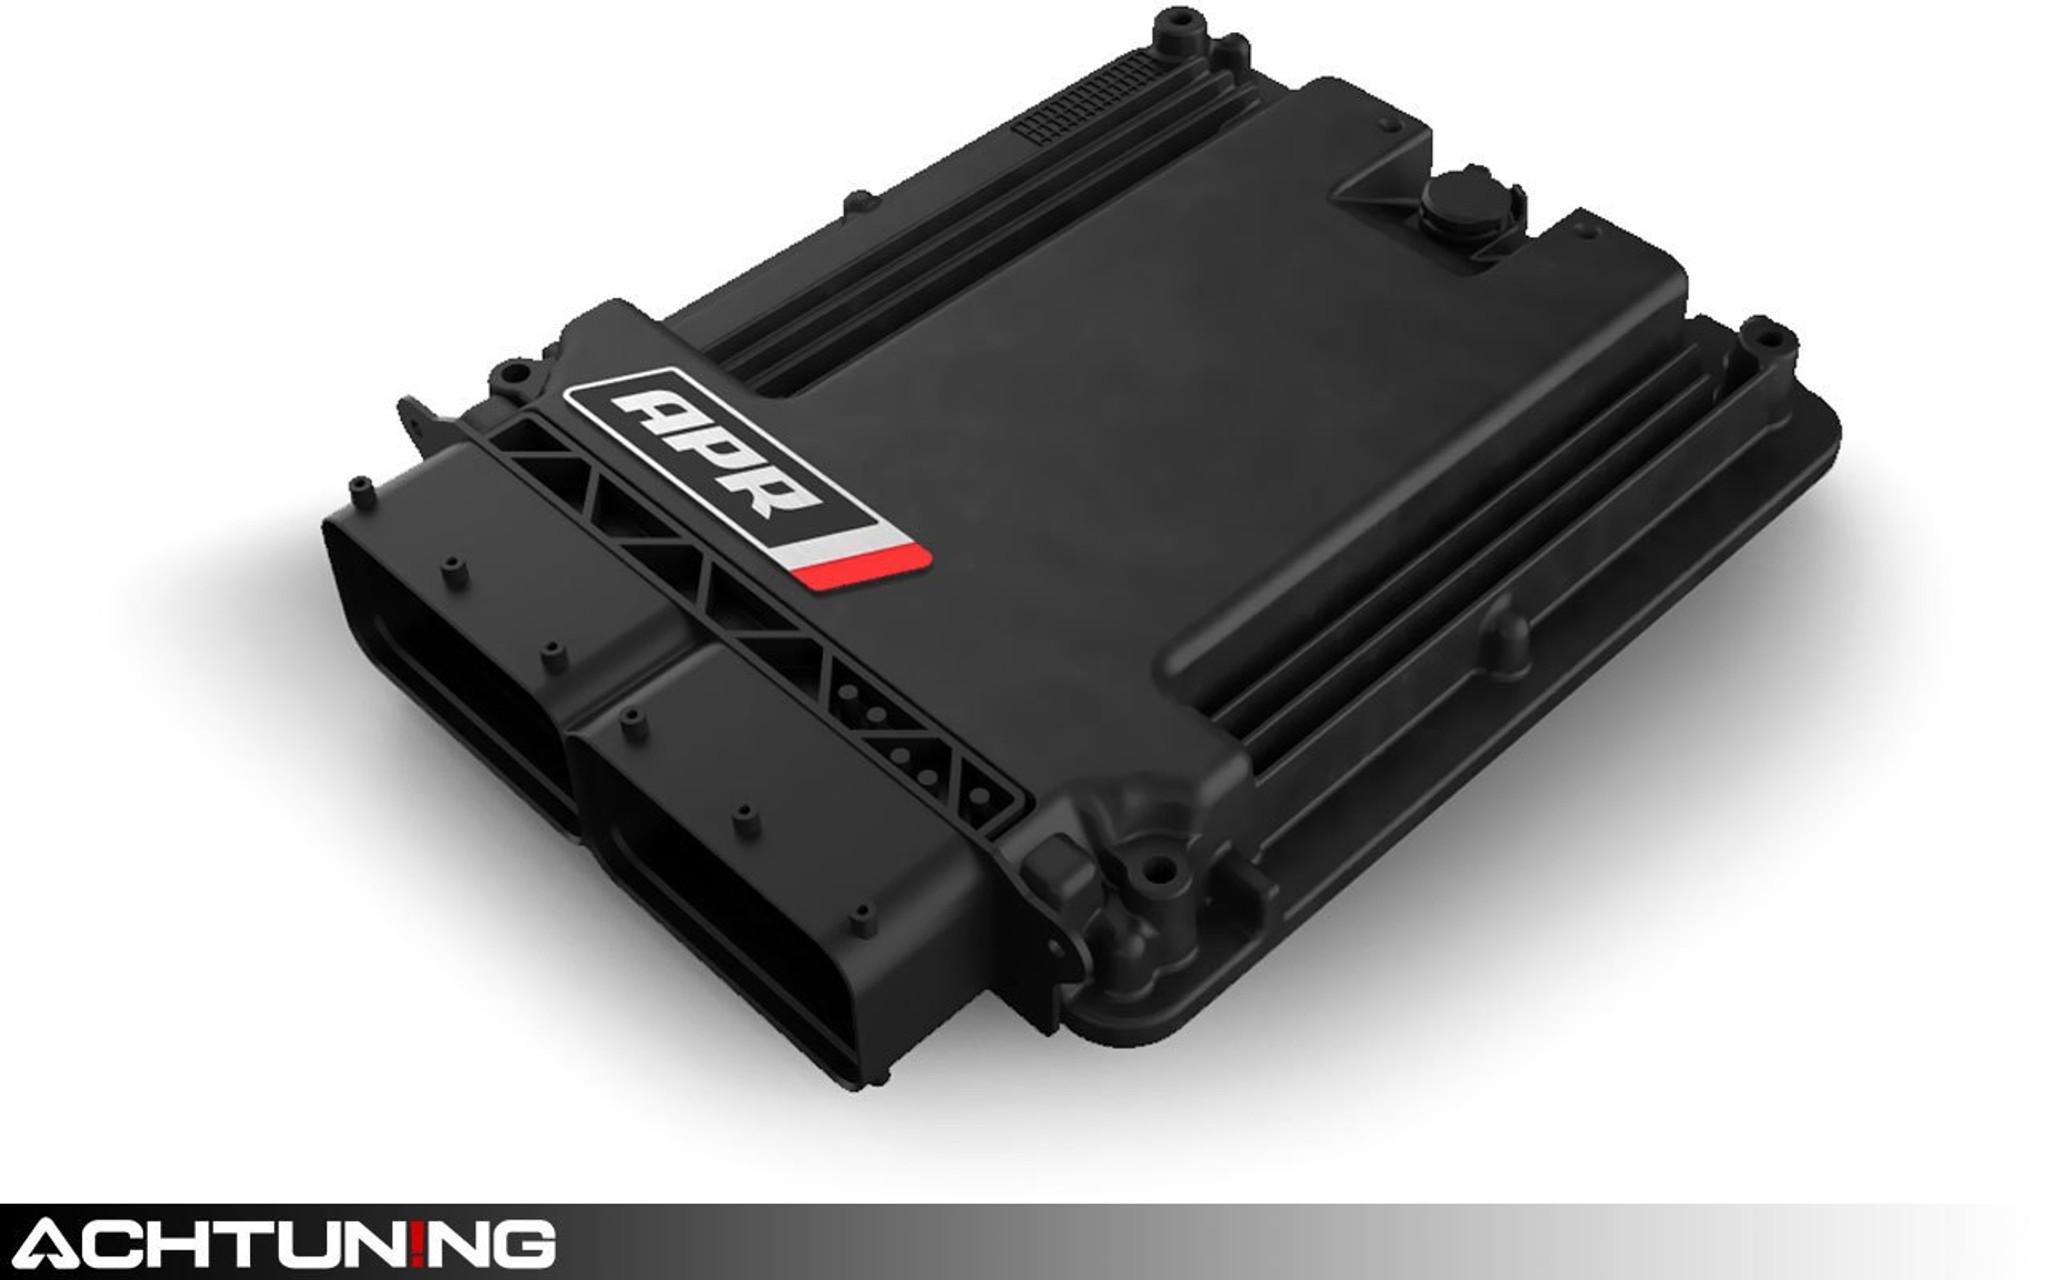 APR TCU Software Flash Tuning Audi DL501 7-Speed DSG